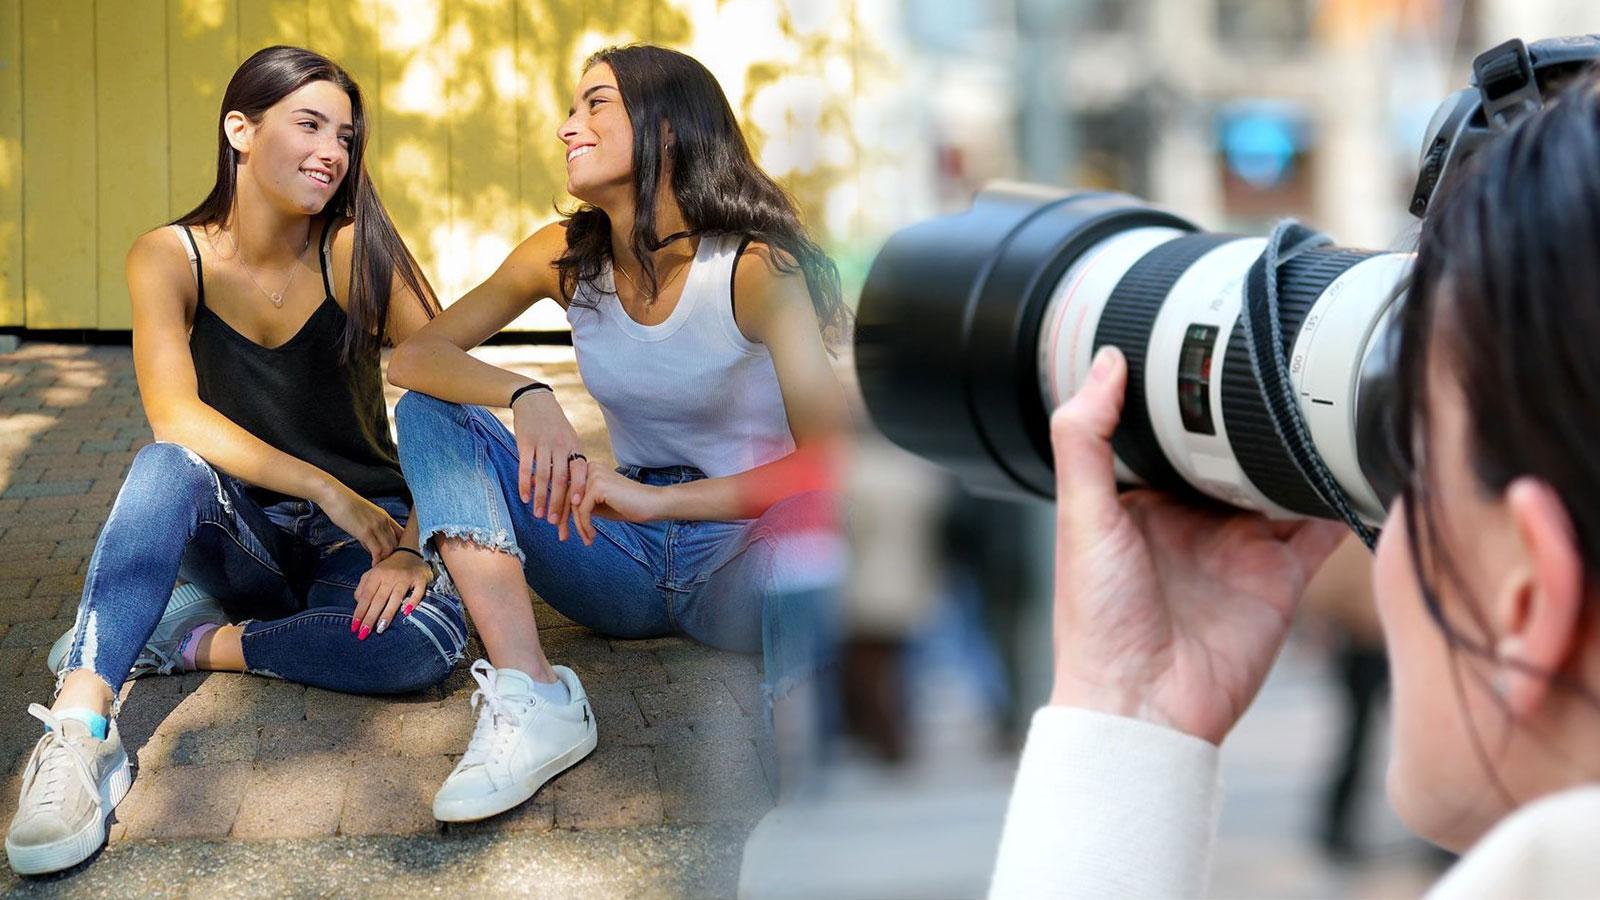 Charli & Dixie D'Amelio critiquent les paparazzi qui les suivent partout